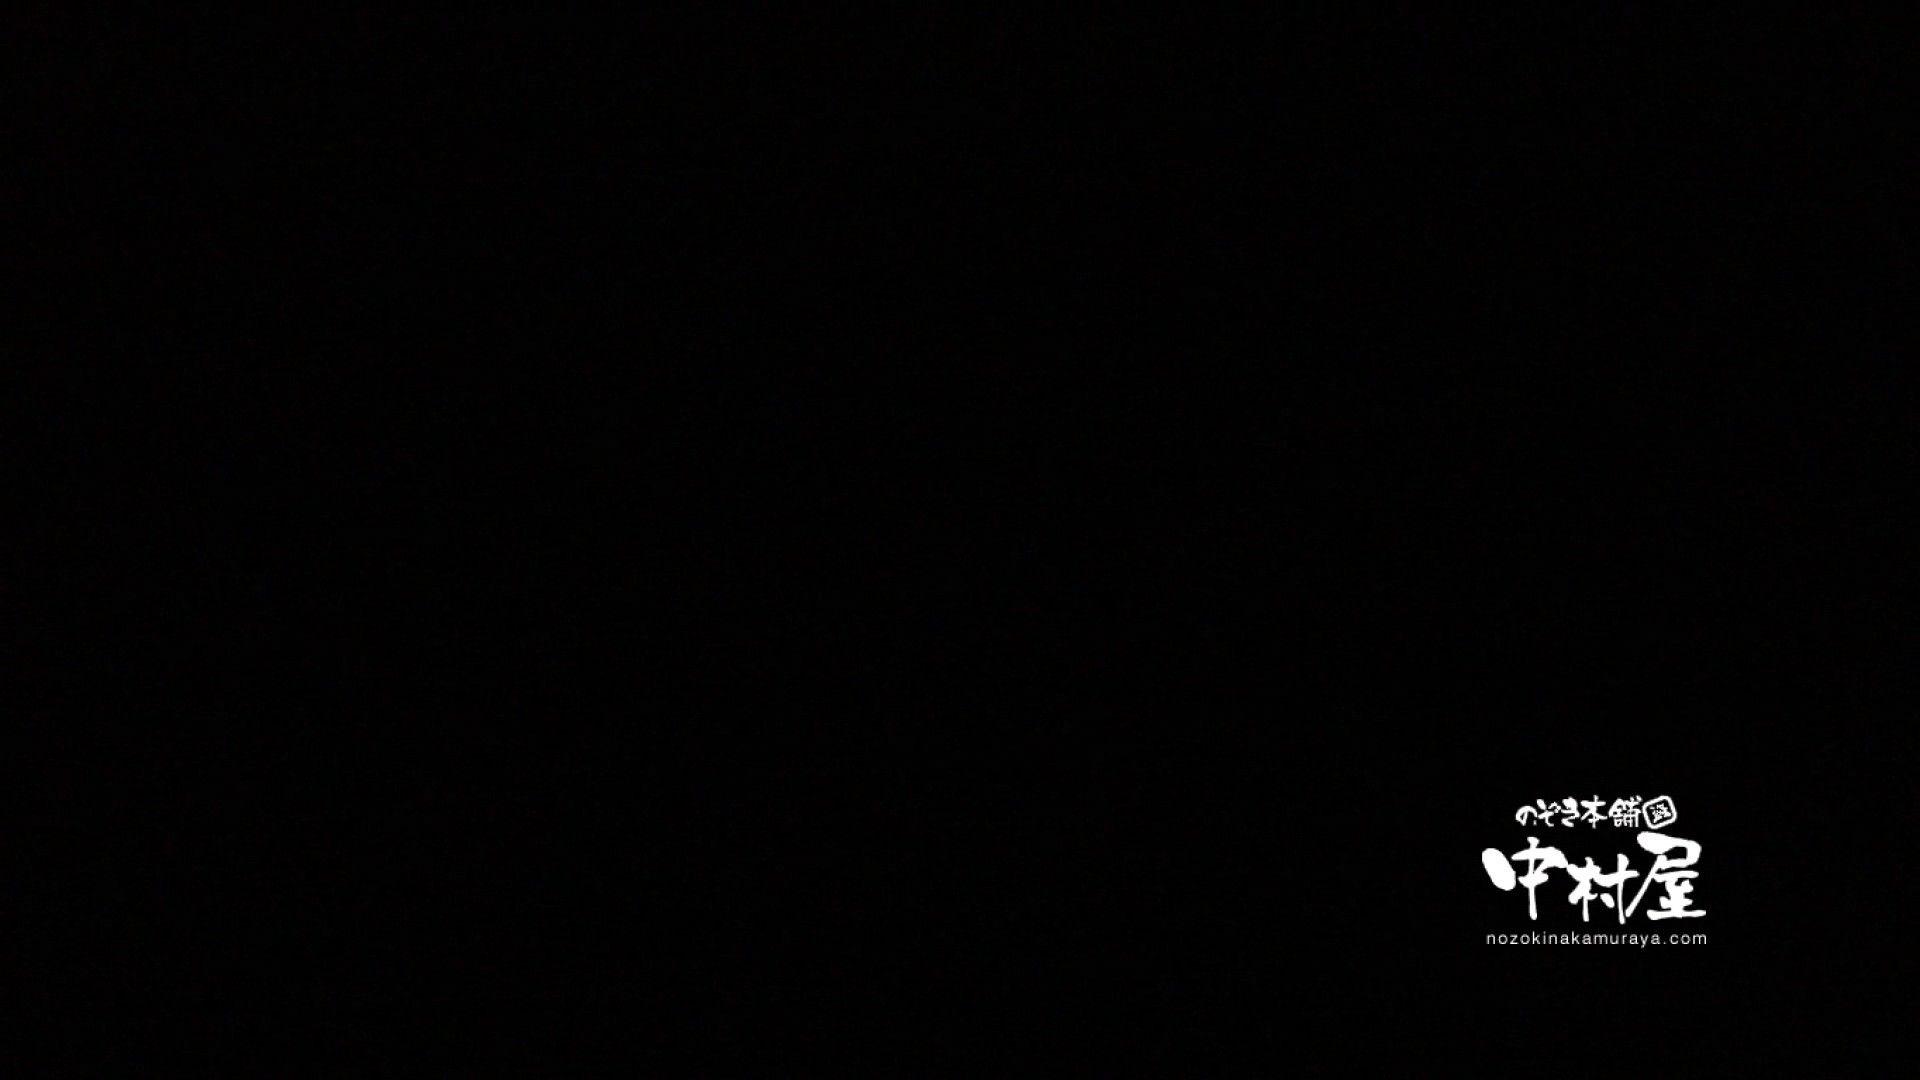 鬼畜 vol.09 無慈悲!中出し爆乳! 前編 爆乳ギャル おめこ無修正画像 19pic 15